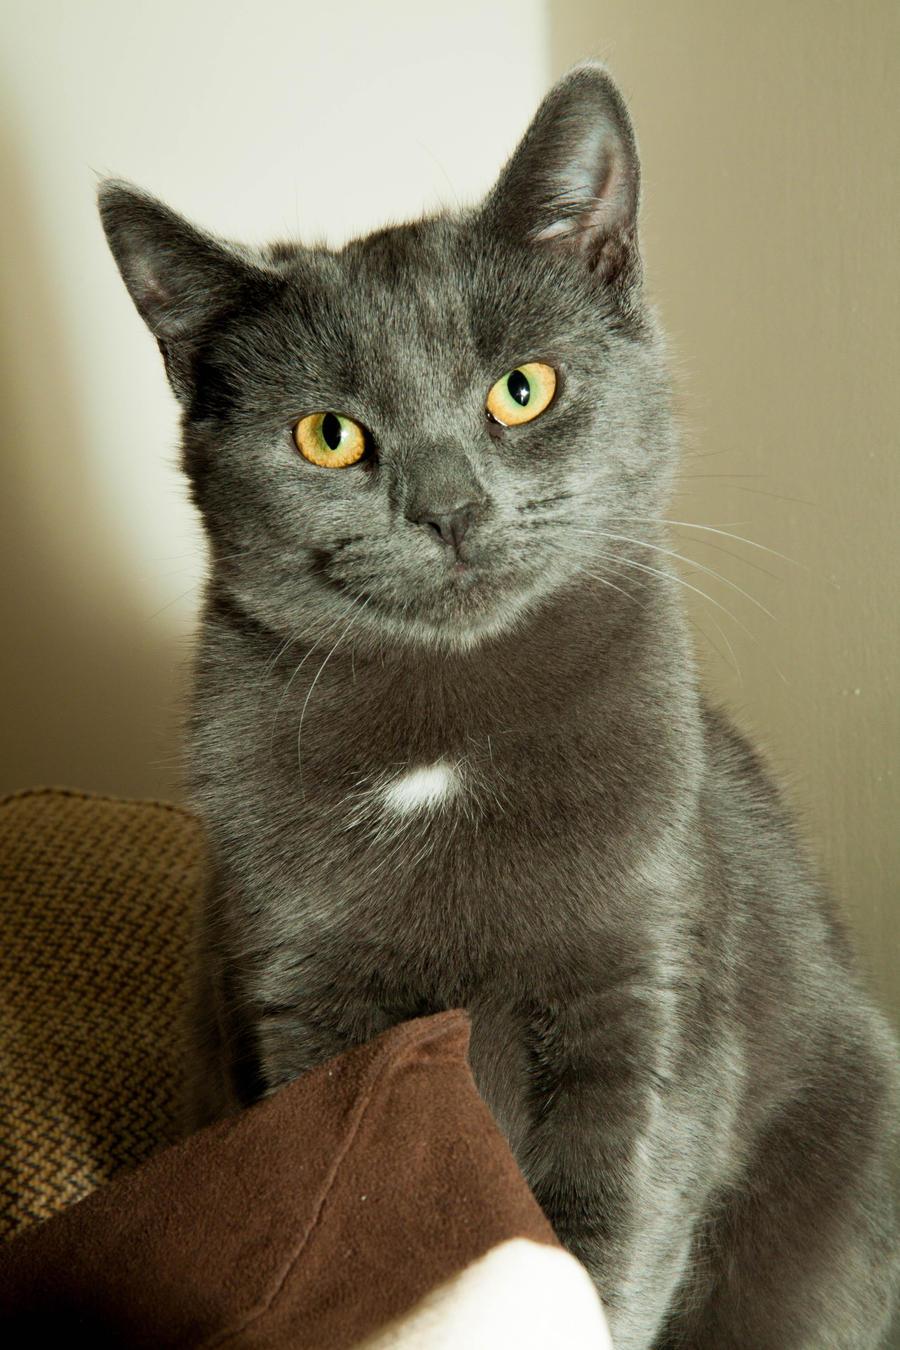 Cat by allenjennison